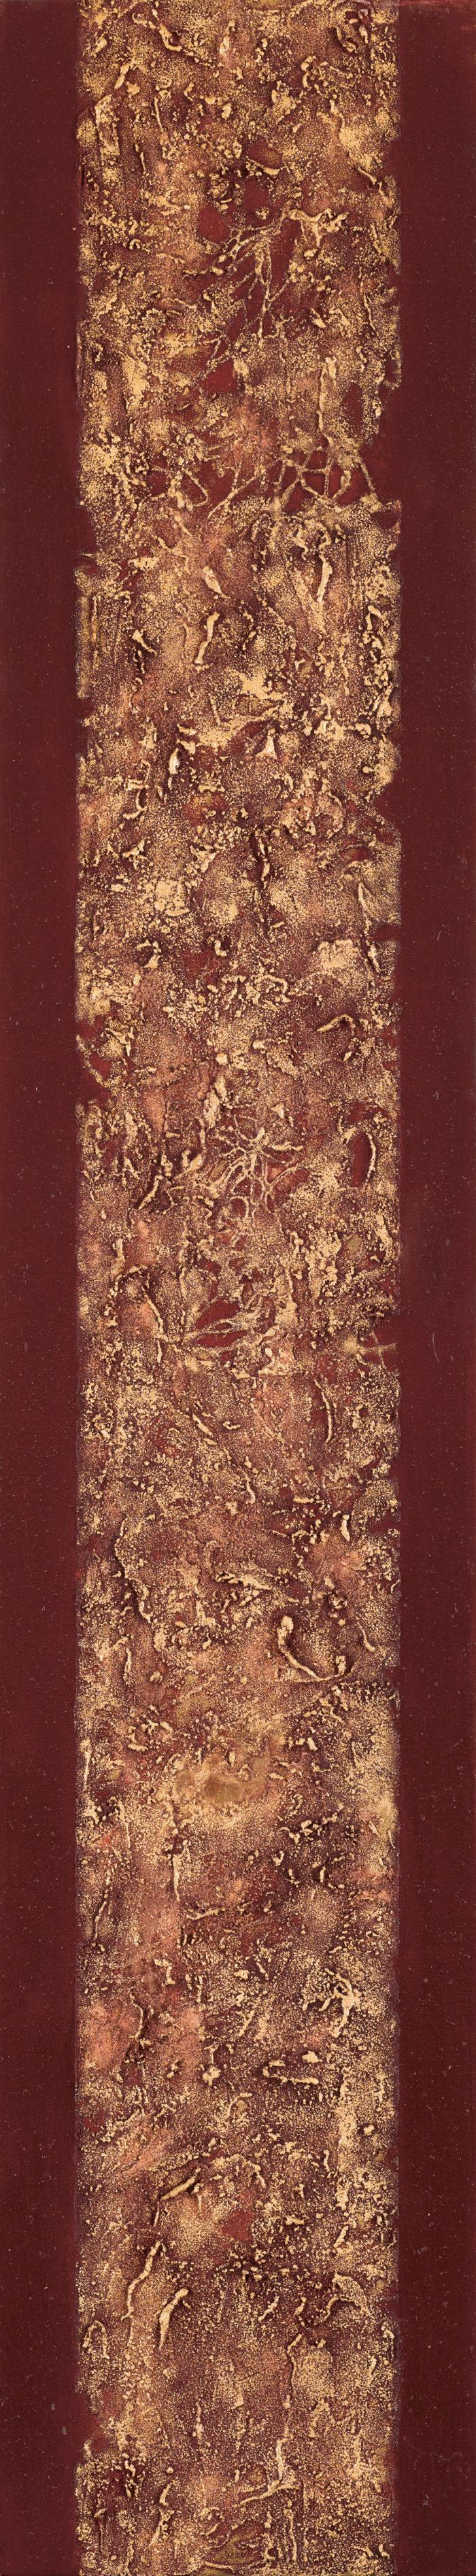 Heart Sutra B (2015) 162cm x 30cm